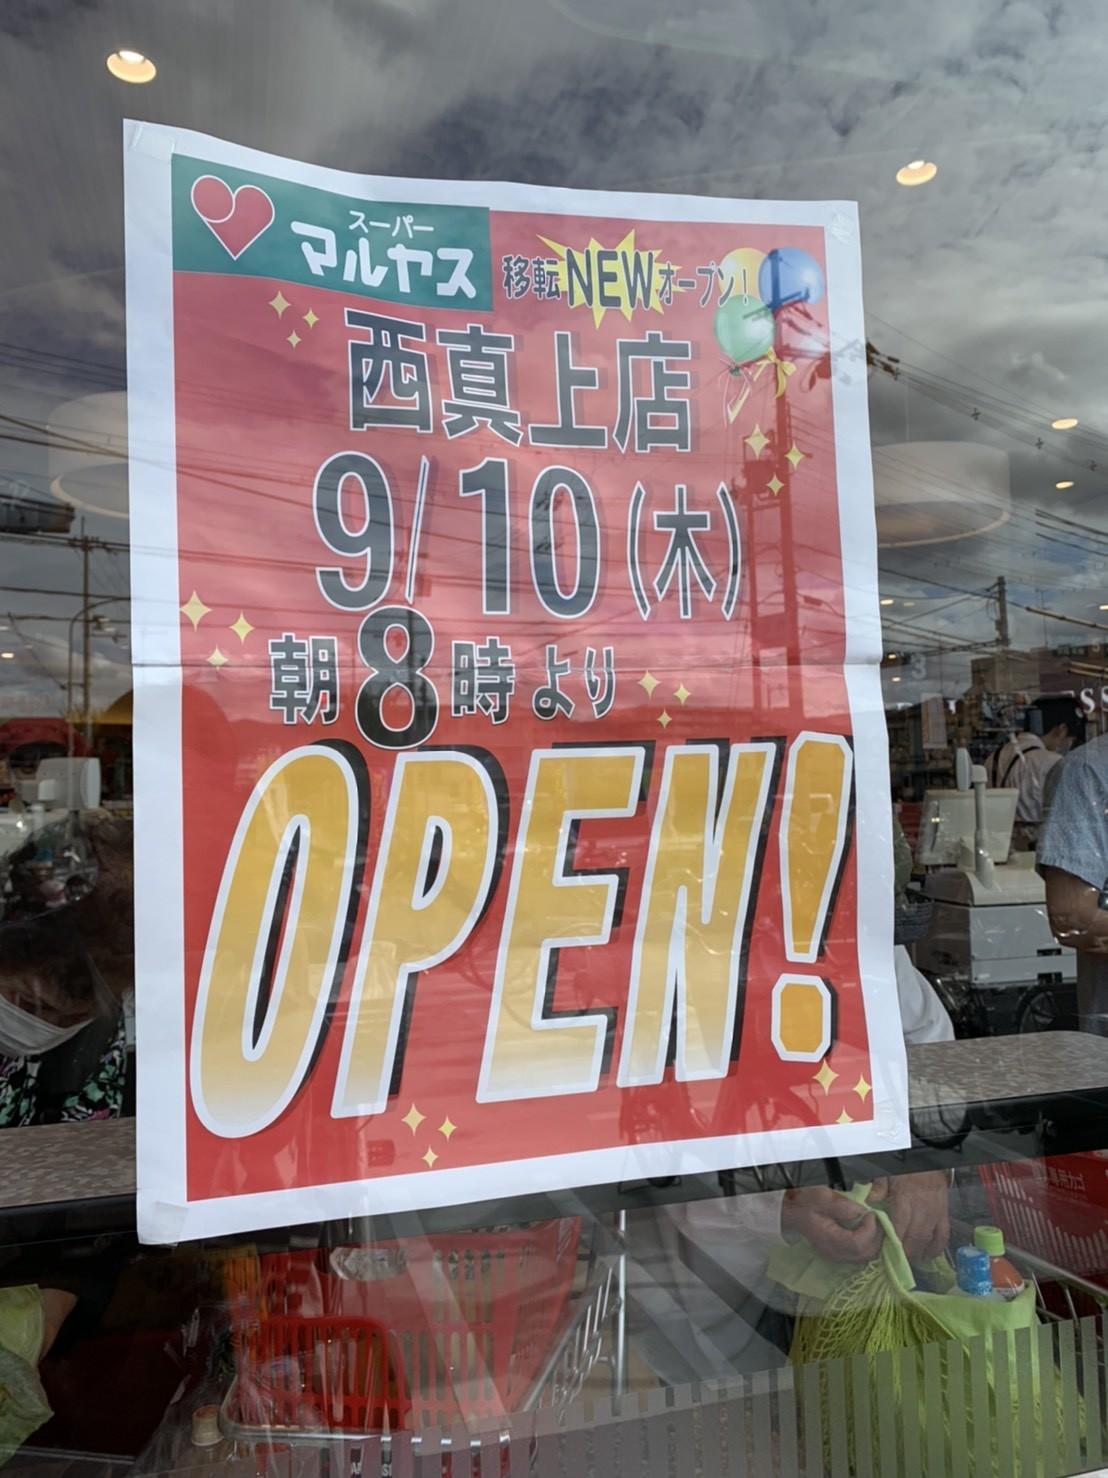 【北大阪エリア情報!】マルヤス西真上店…の画像